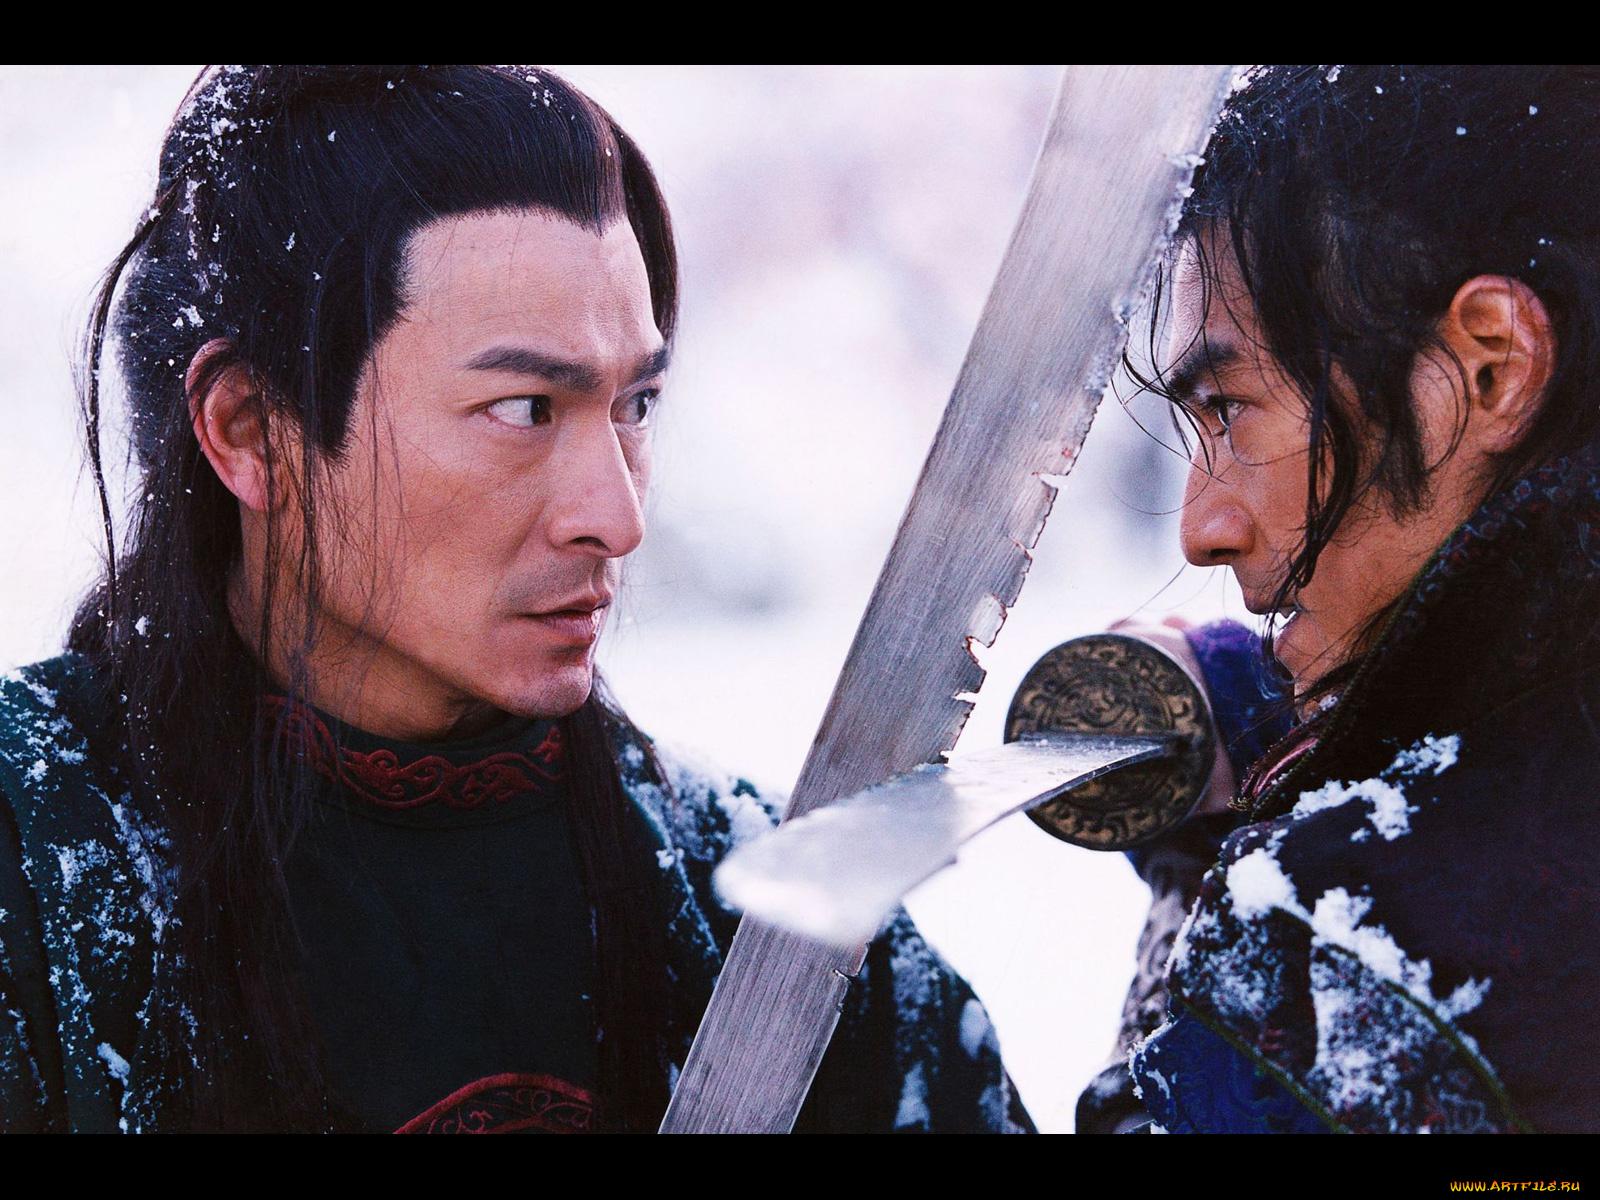 Старый азиатский фильм ребятам очень